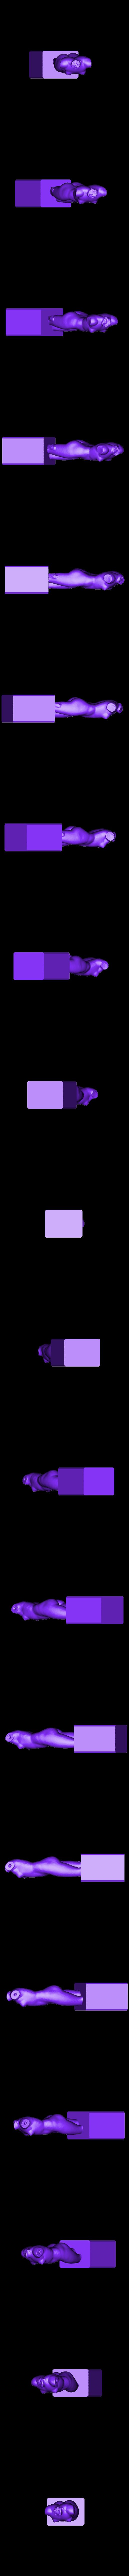 20121008_Torso_Esquiline_by_Cosmo_Wenman_SOLID.stl Télécharger fichier STL gratuit Torse féminin, type Esquilin • Modèle imprimable en 3D, Ghashgar